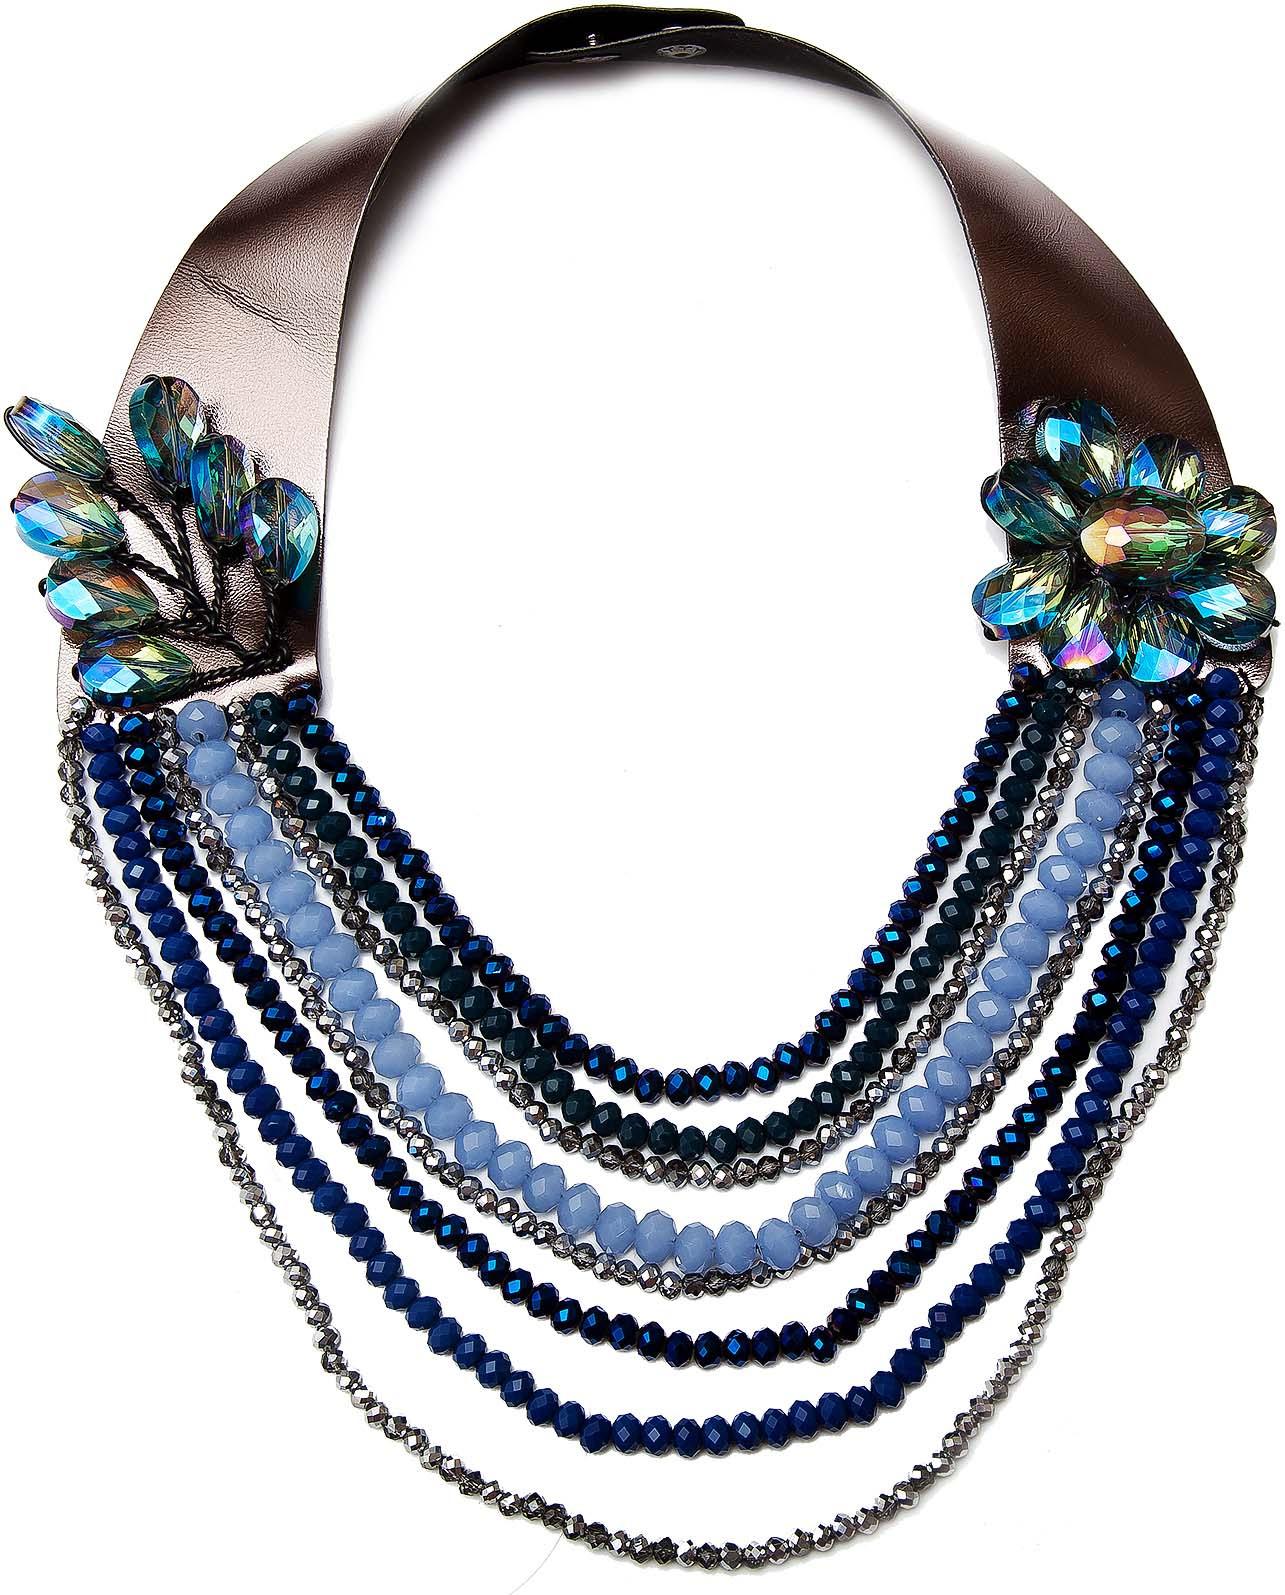 Колье Kameo-bis, цвет: синий. NC710059NC710059Размер 50 х 3,5 см, размер украшения 27 х 16 см. Состав: кристаллы, экокожа